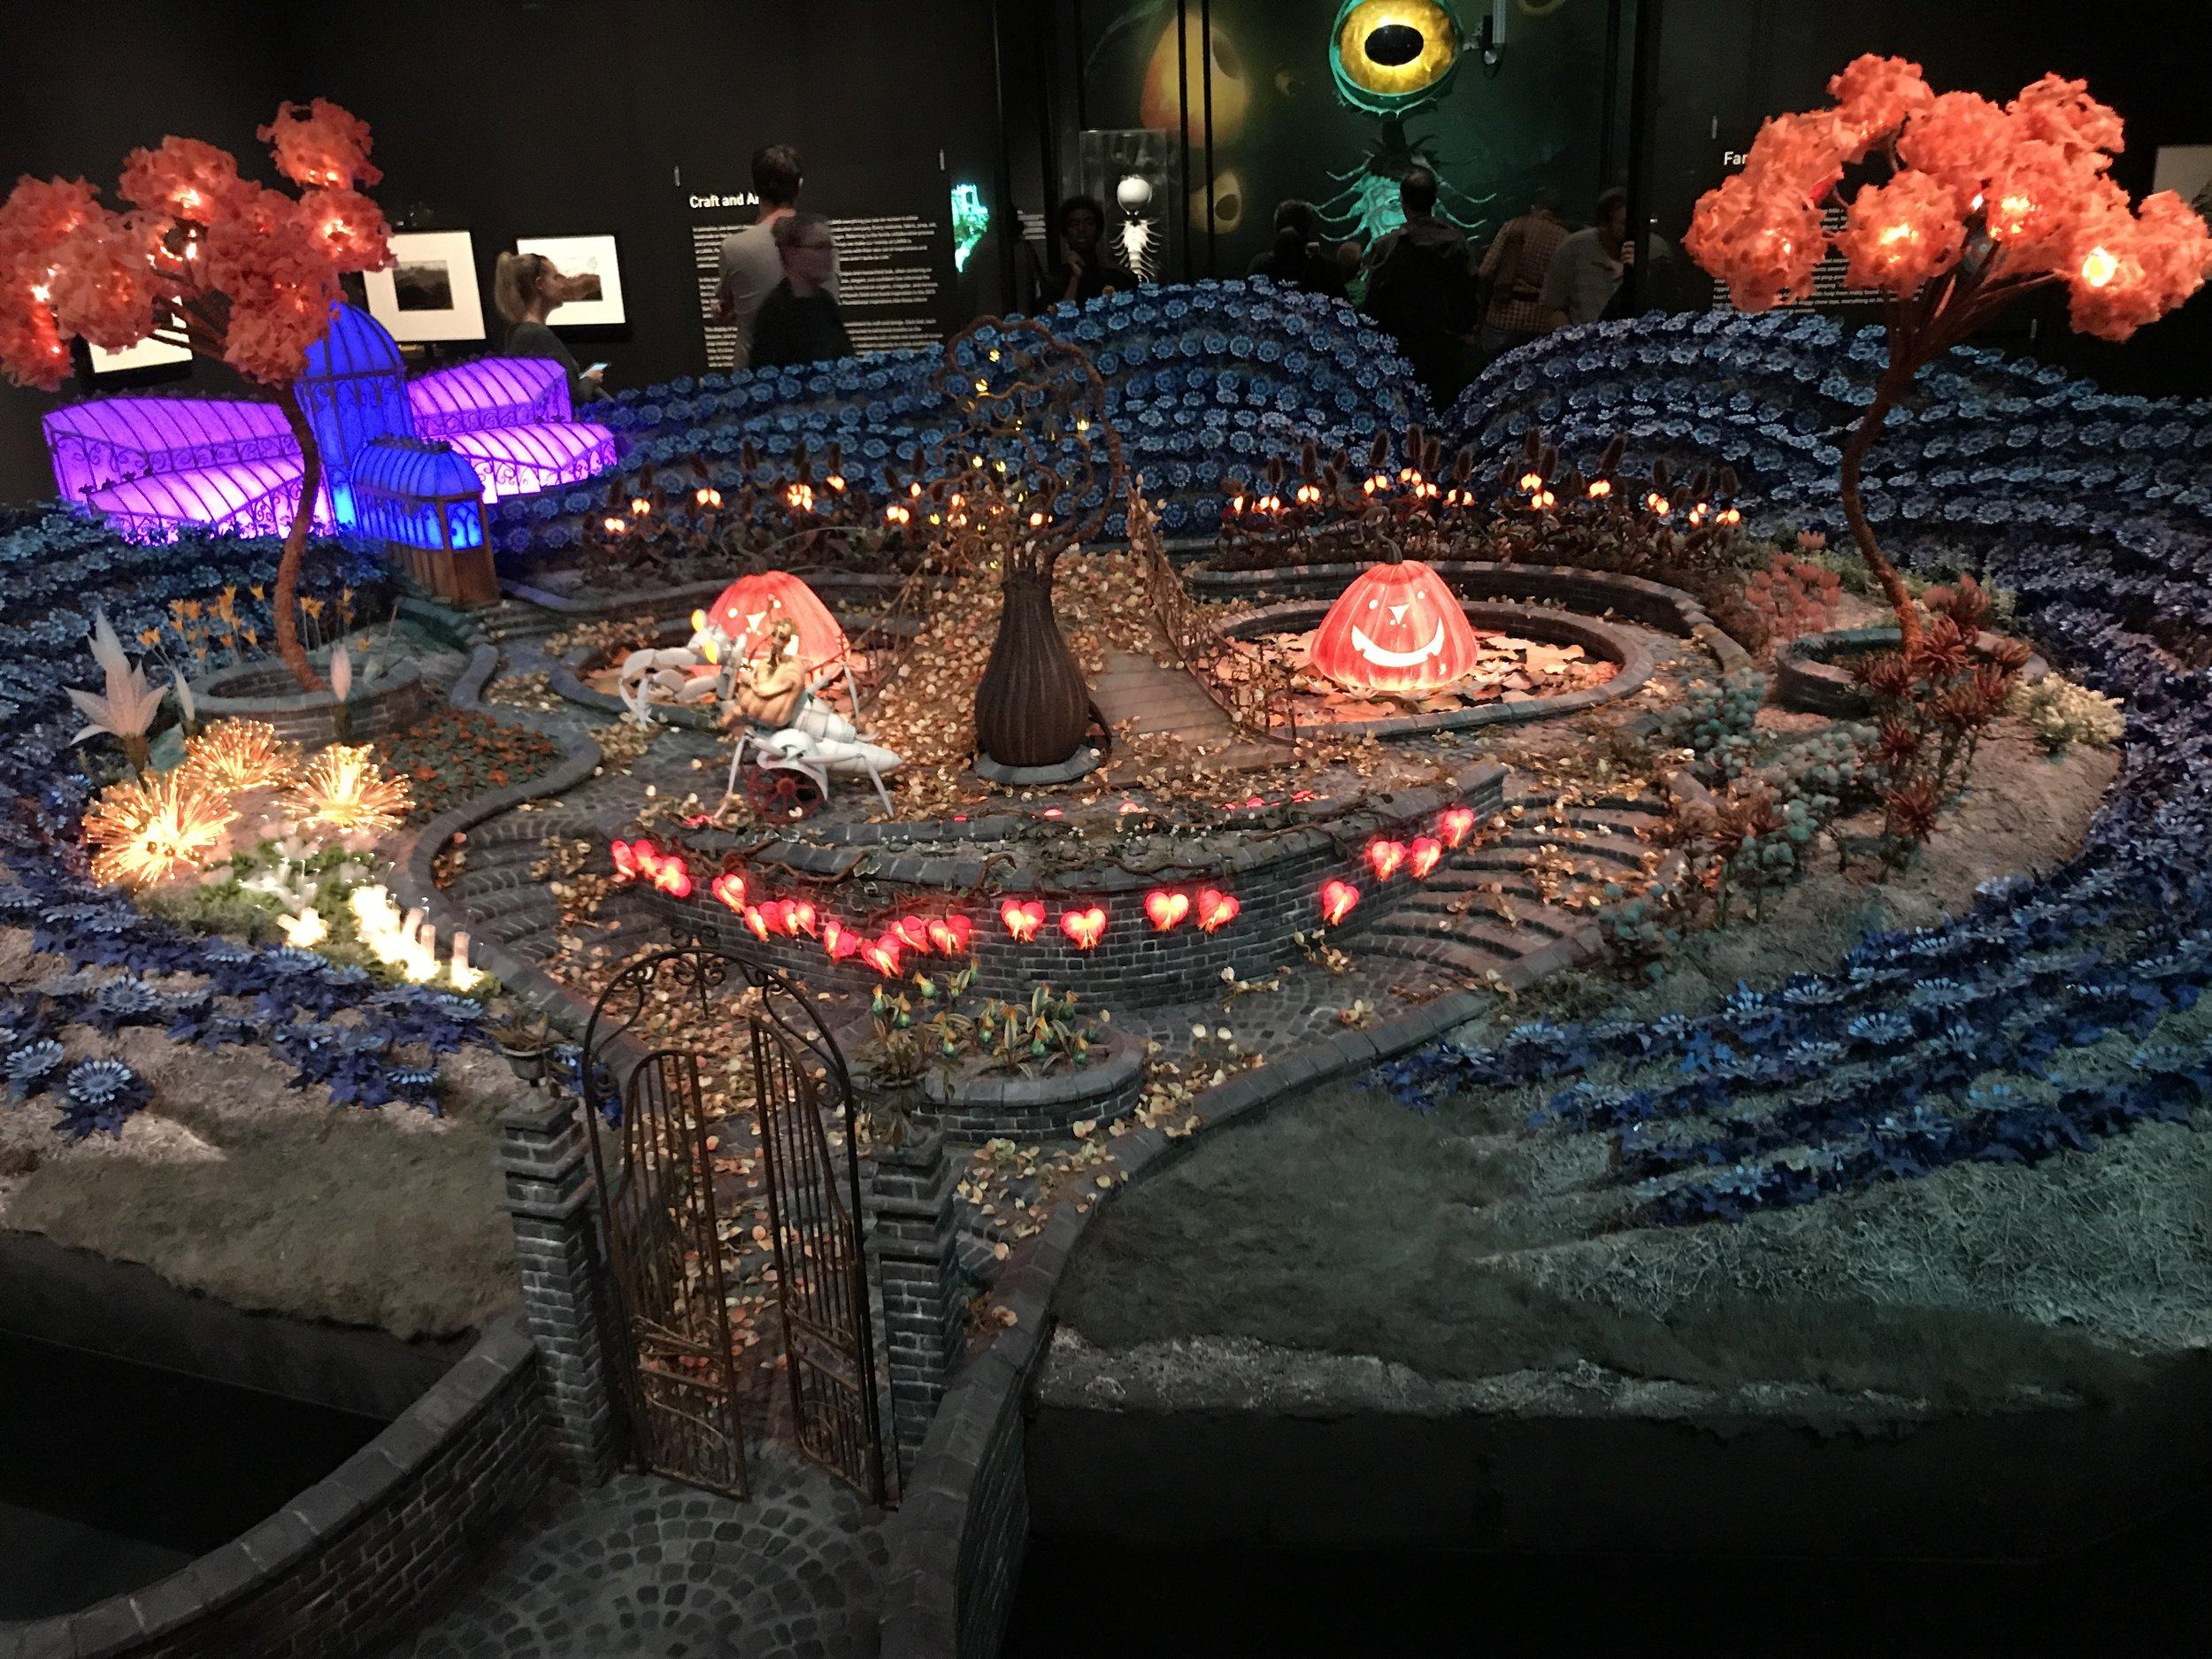 Coraline's Garden Set